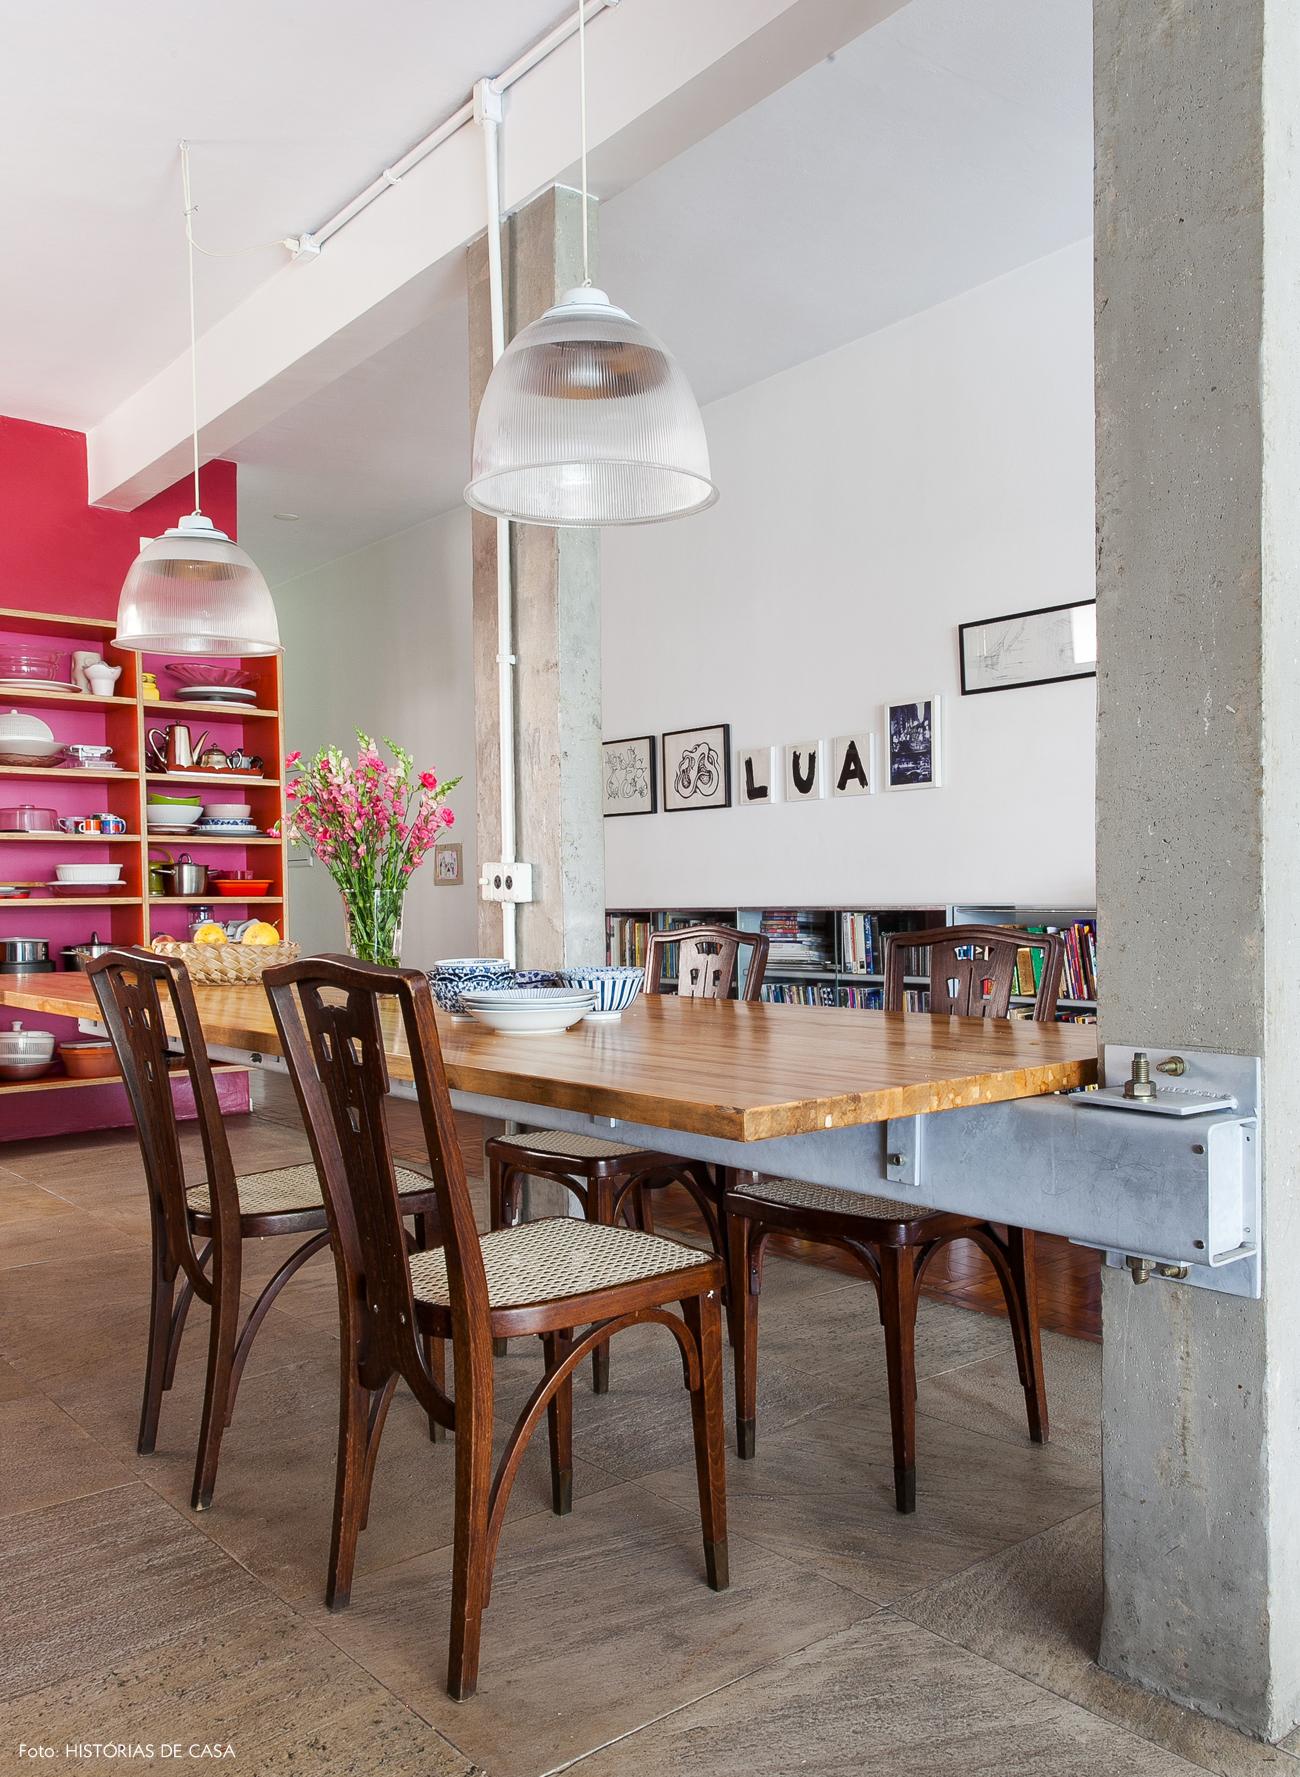 06-decoracao-cozinha-integrada-mesa-madeira-em-balanco